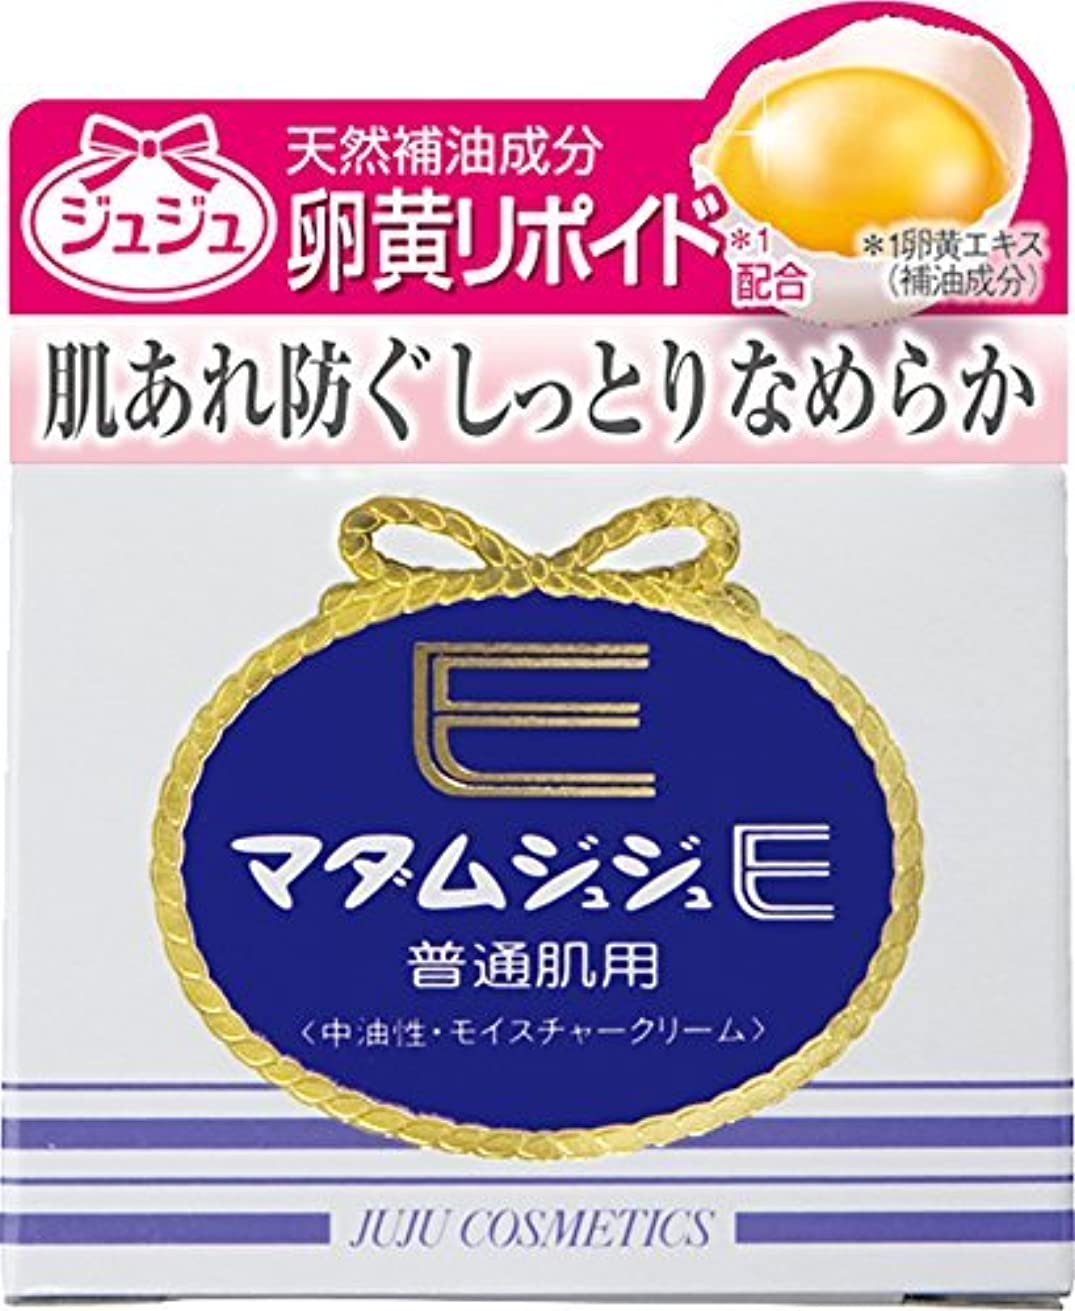 電子レンジパトロール乳マダムジュジュE クリーム ビタミンE+卵黄リポイド配合 52g